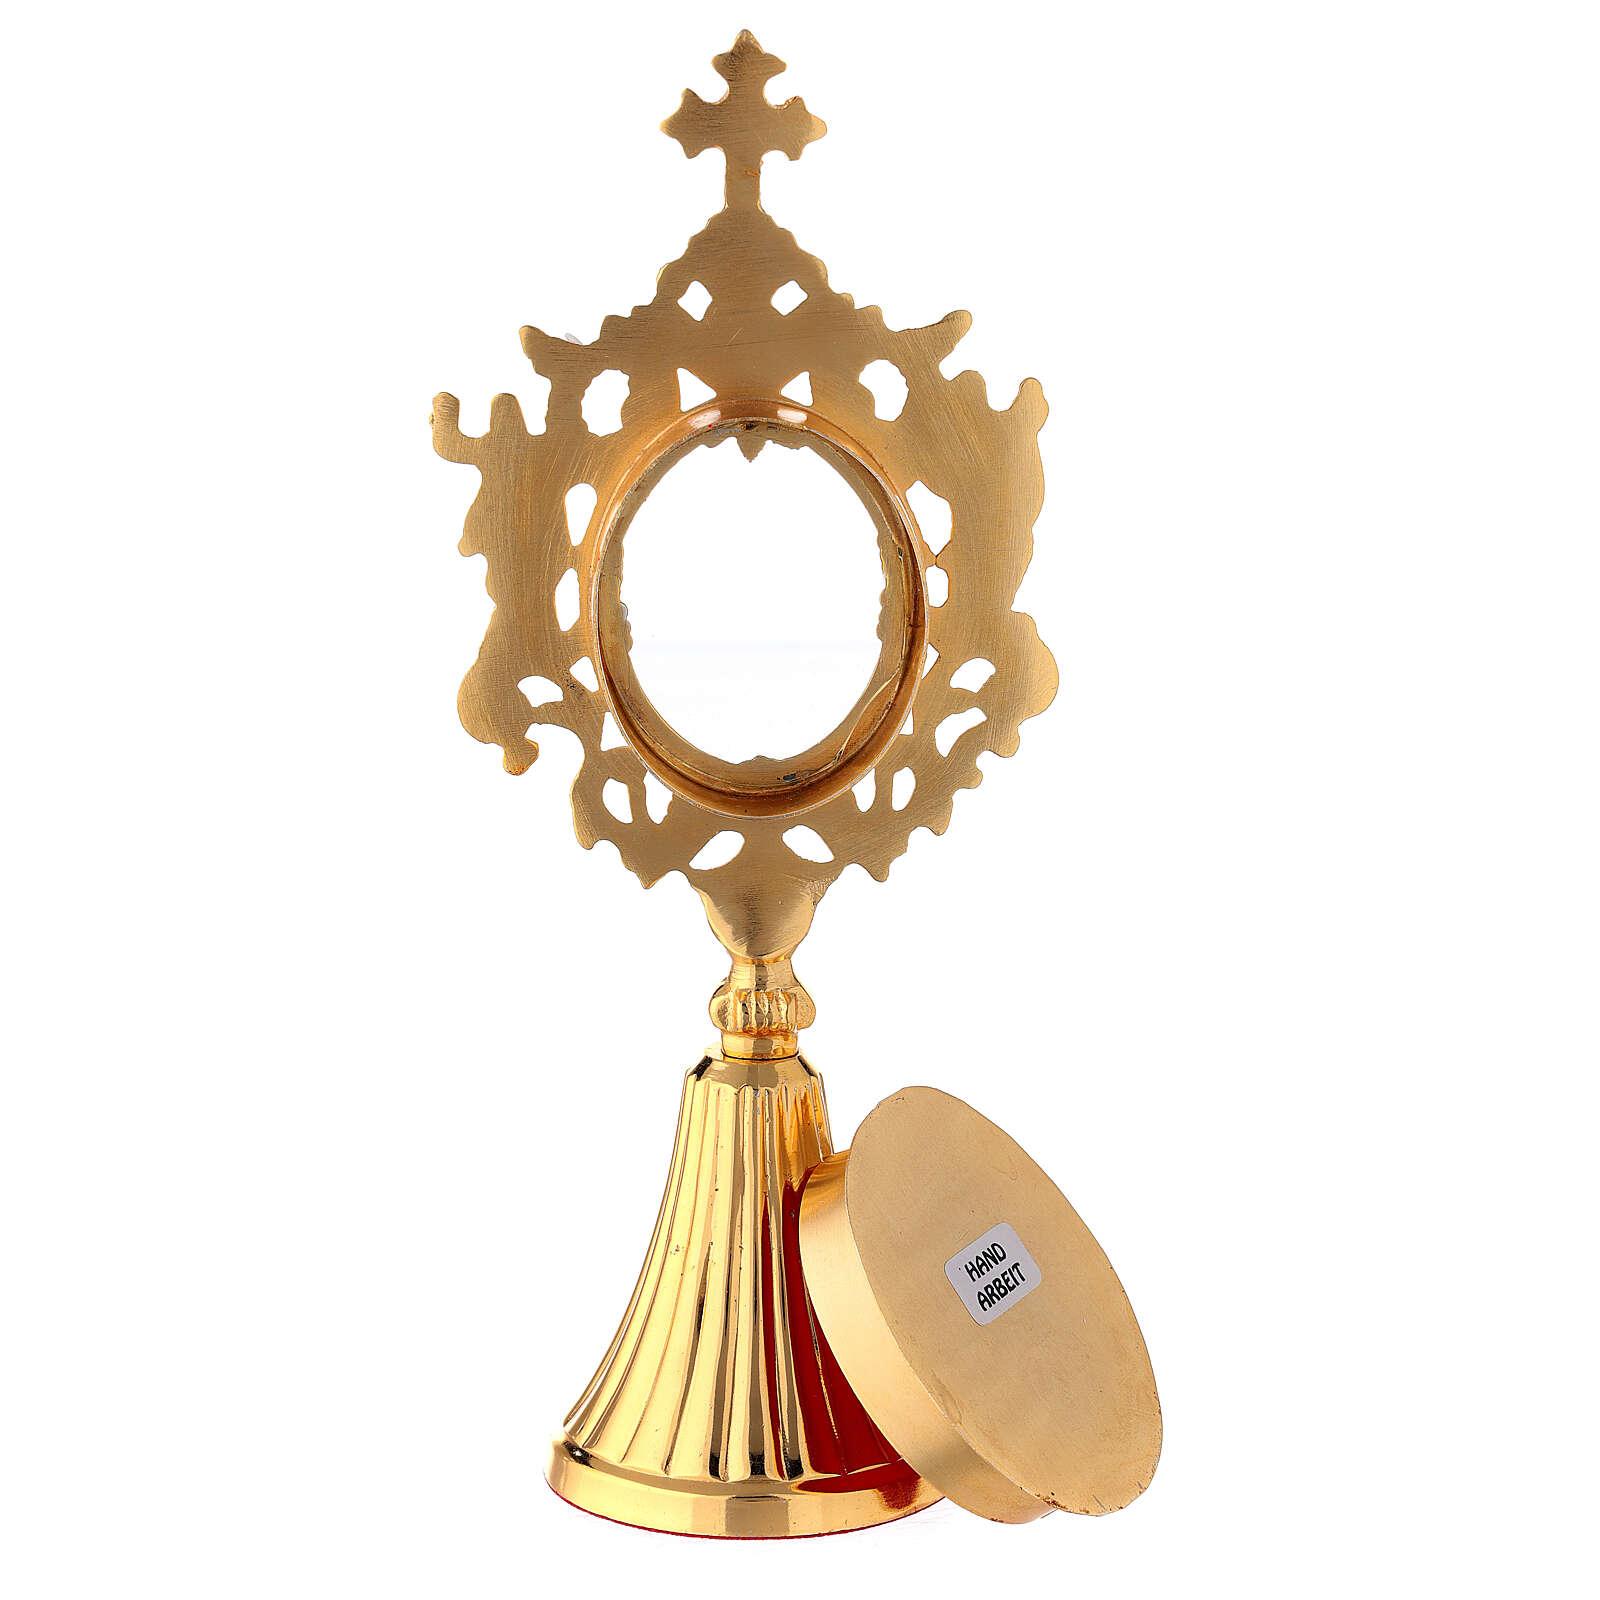 Reliquiario angeli ottone dorato teca ovale 22 cm 4